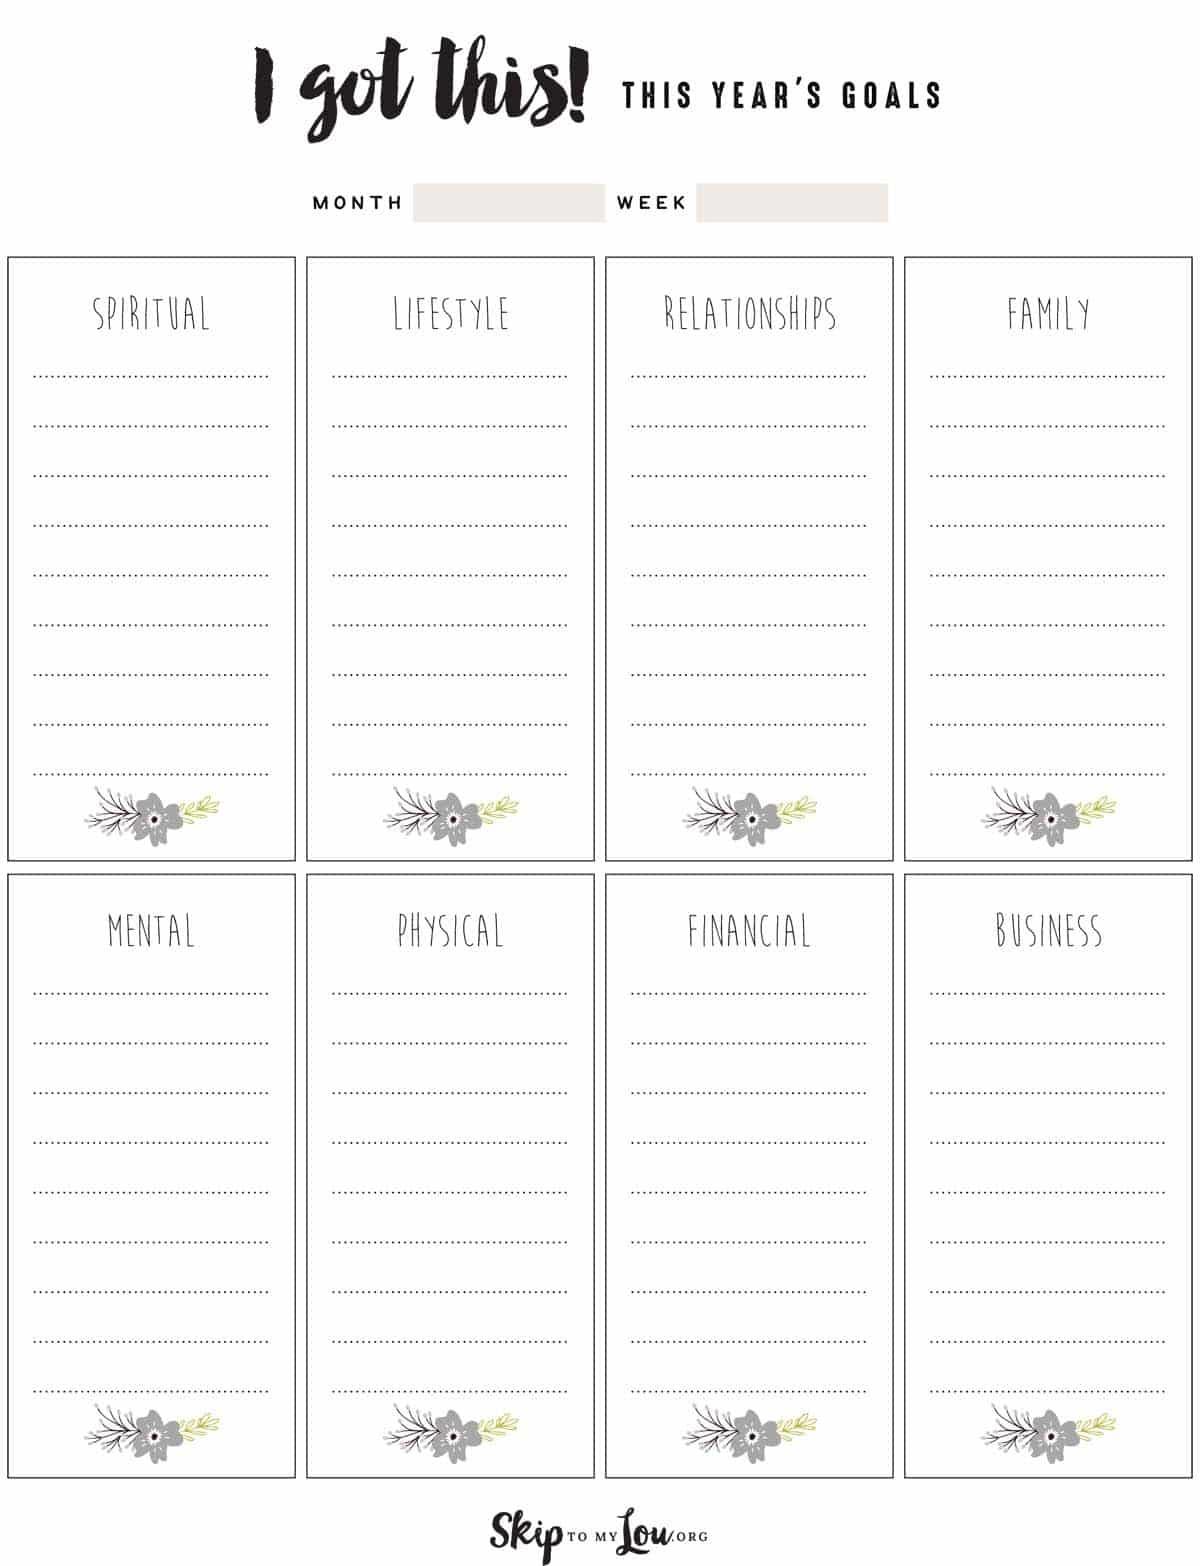 Free Goal Setting Worksheets | Skip To My Lou - Free Printable Goal Setting Worksheets For Students